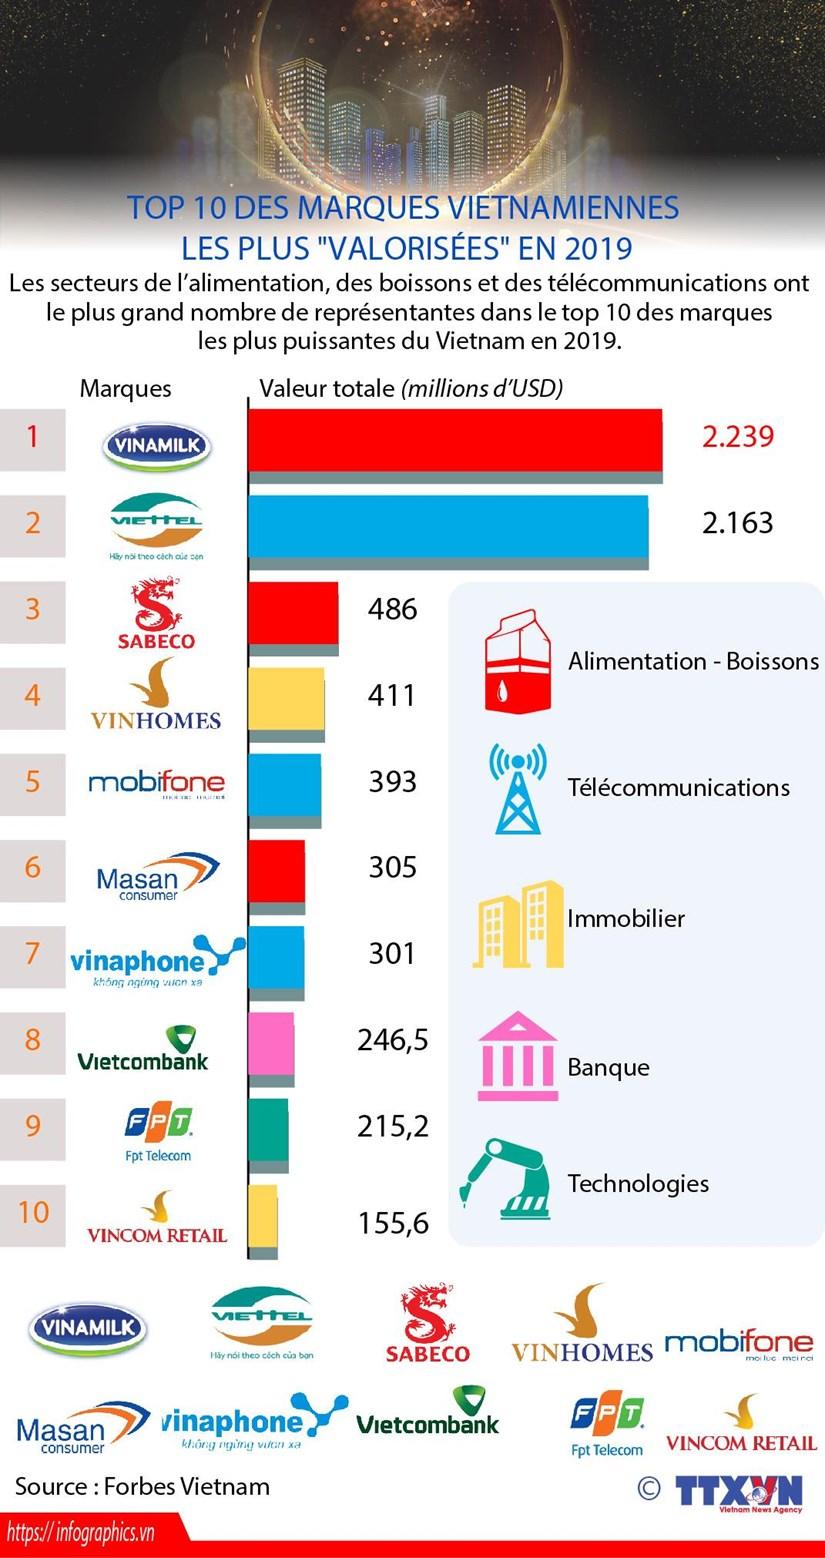 """Top 10 des marques vietnamiennes les plus """"valorisees"""" en 2019 hinh anh 1"""